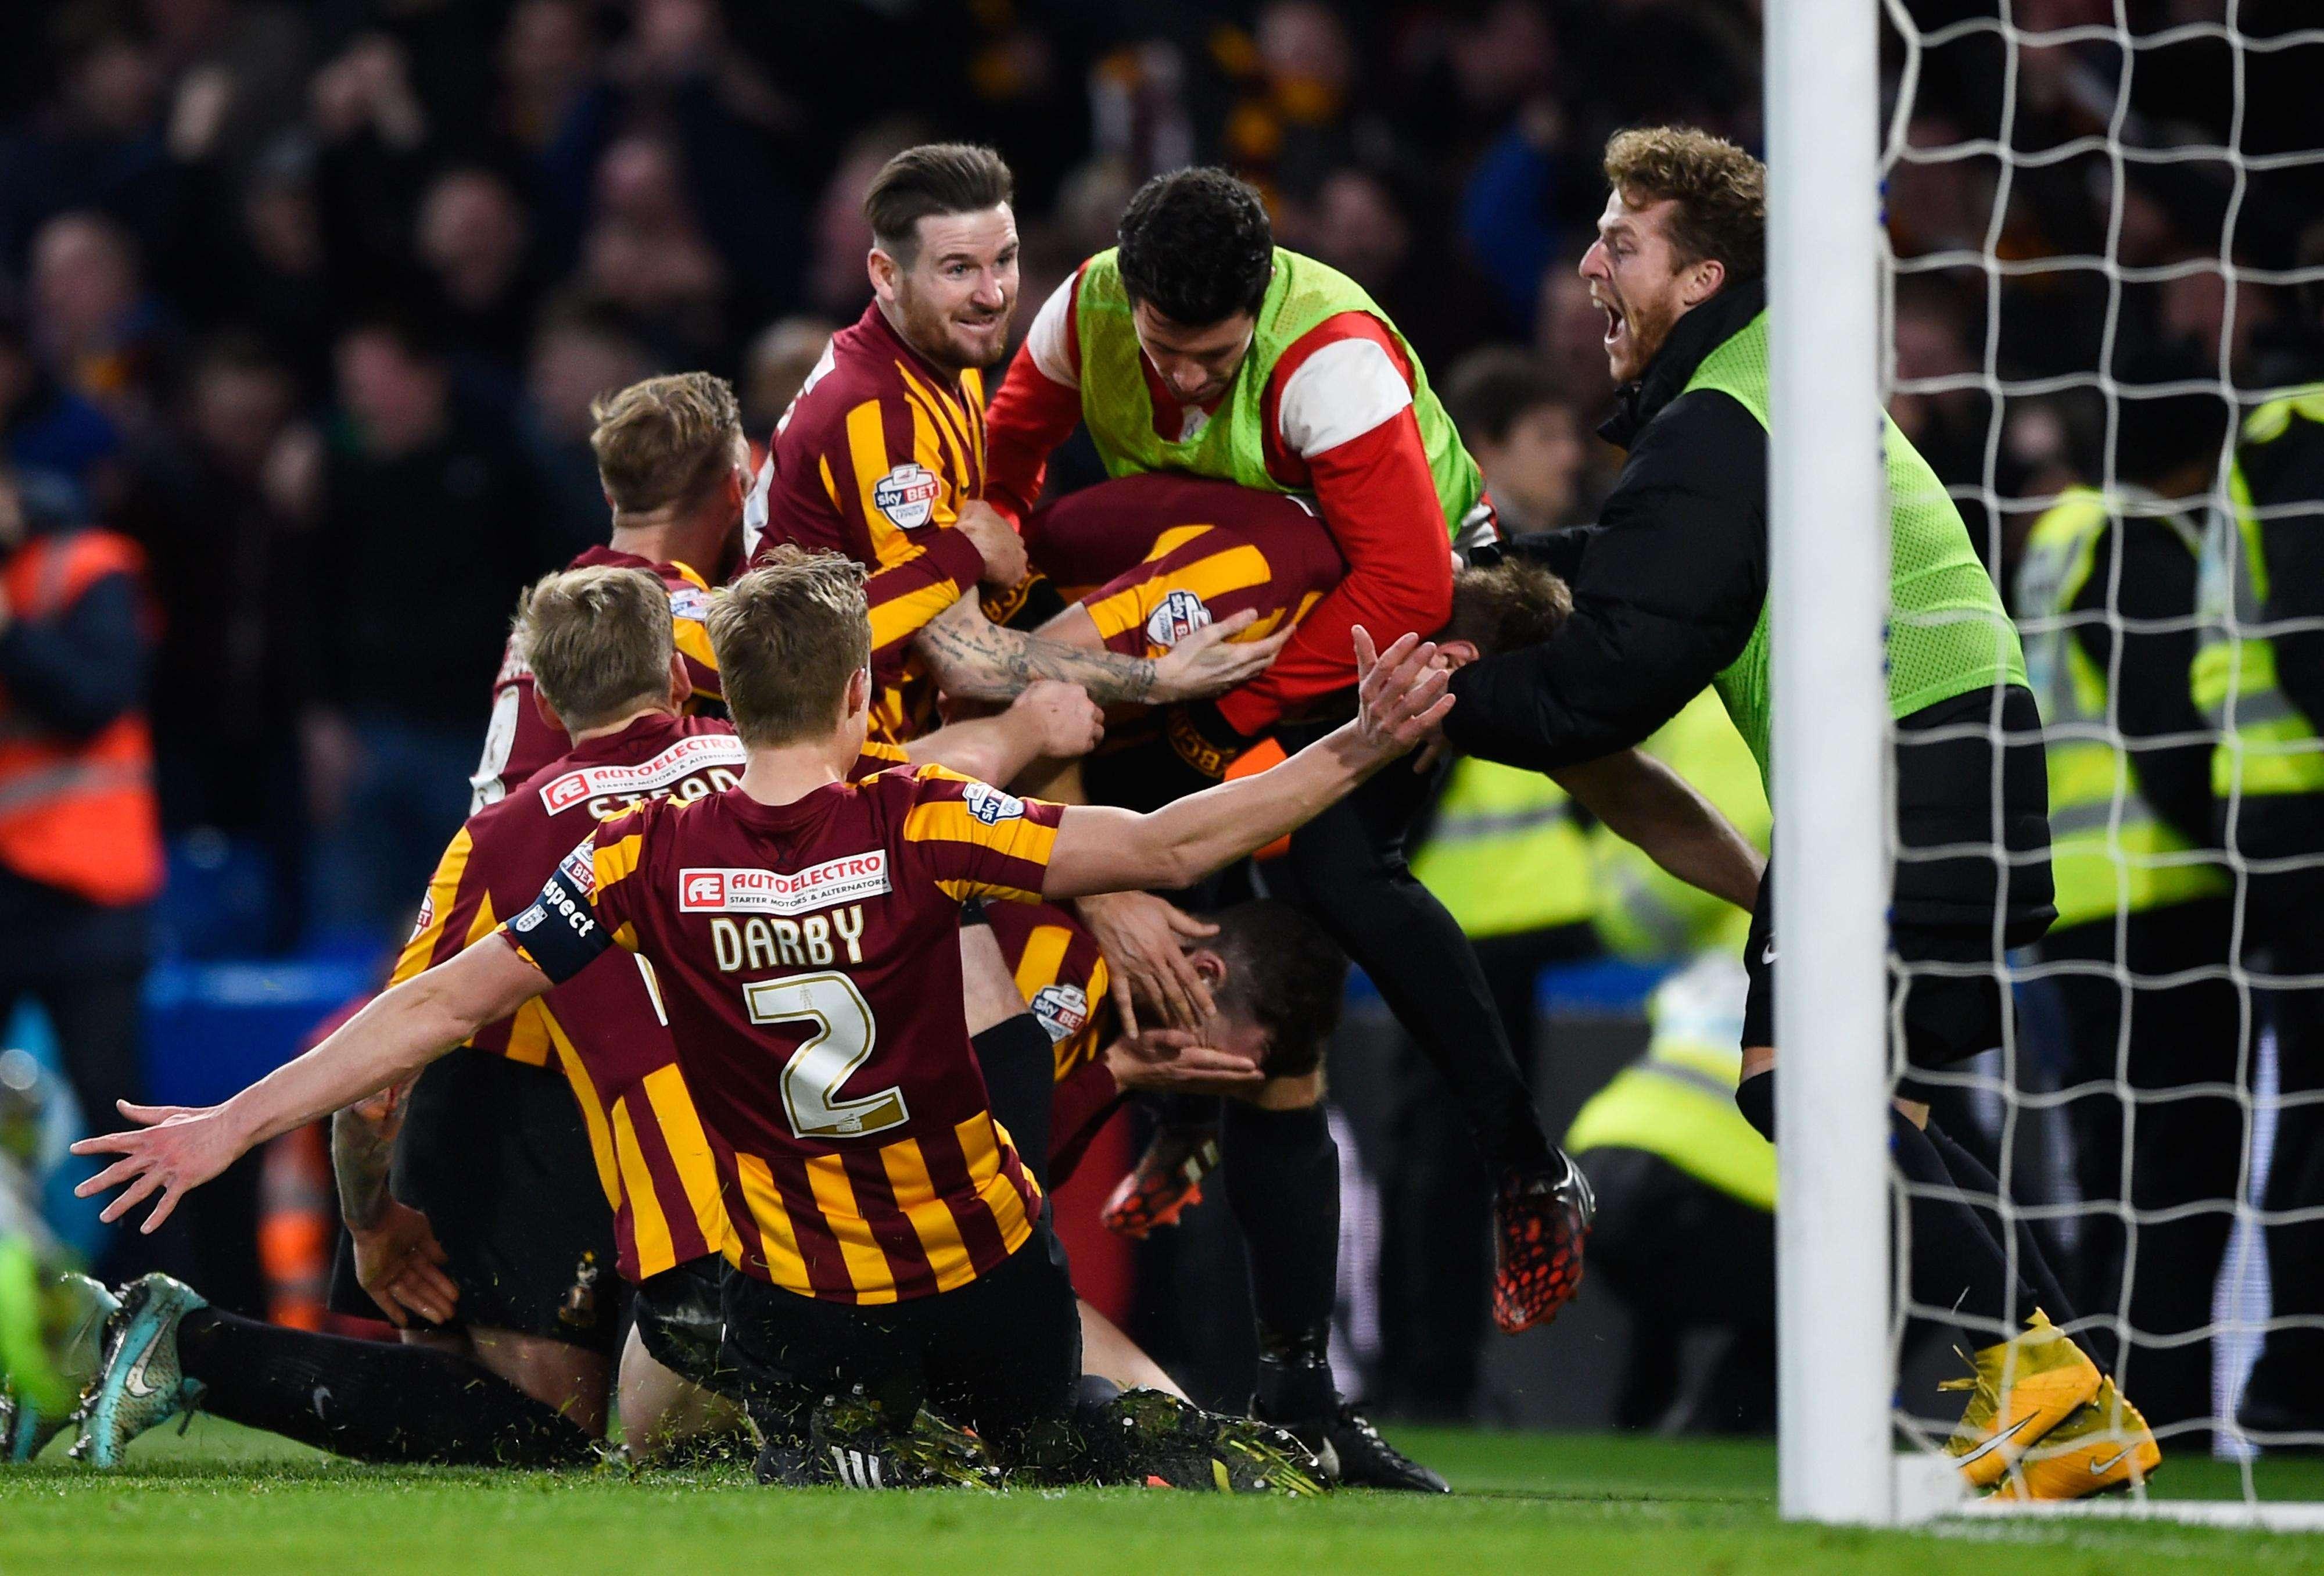 Bradford saiu perdendo por 2 a 0, mas virou incrivelmente por 4 a 2 contra Chelsea Foto: Mike Hewitt/Getty Images